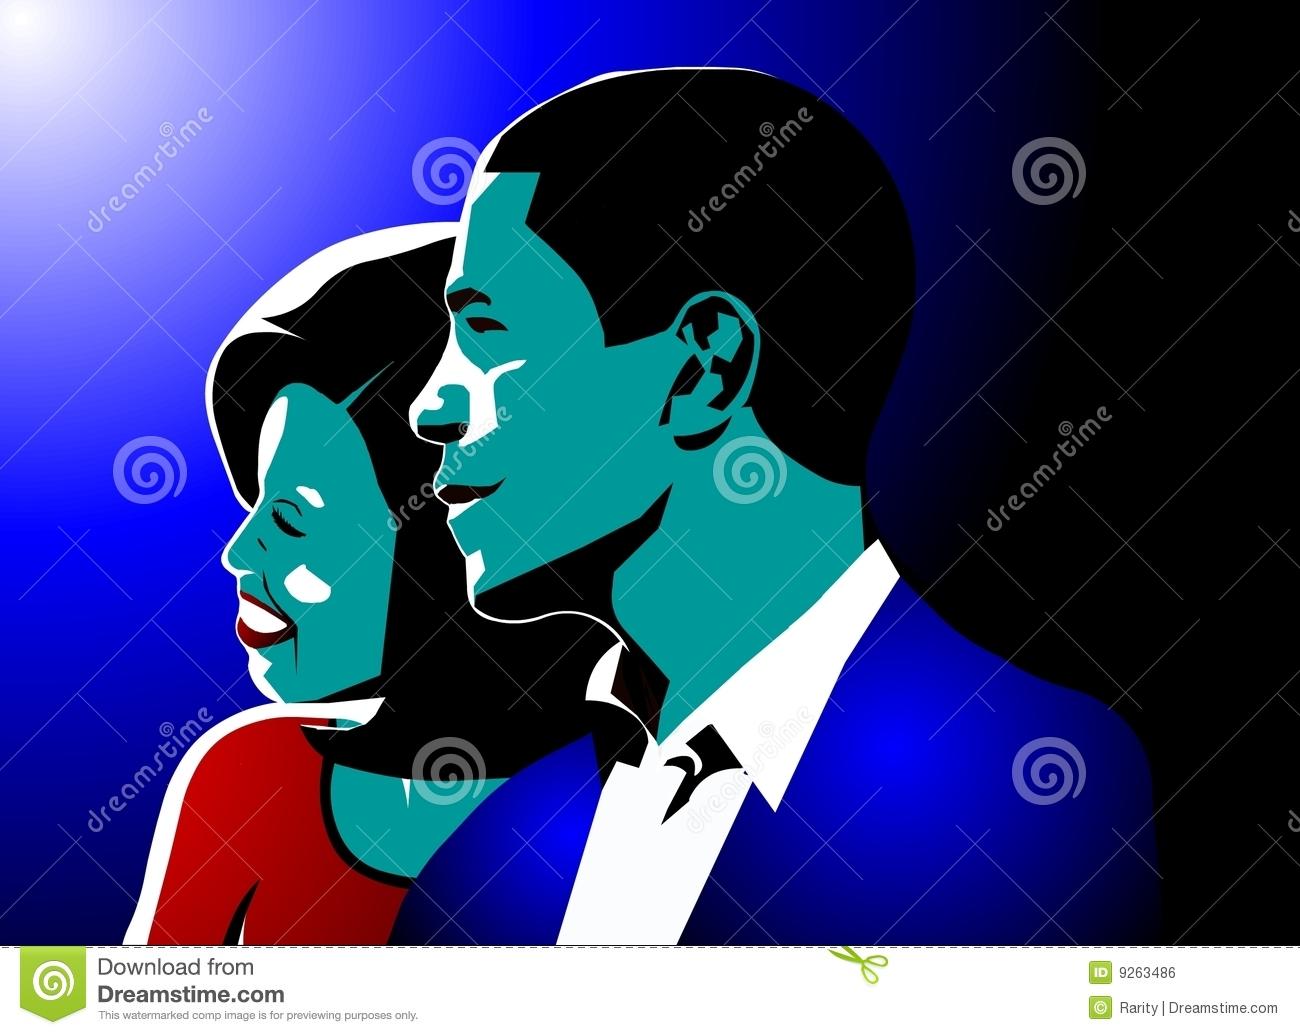 Michelle obama head clipart.